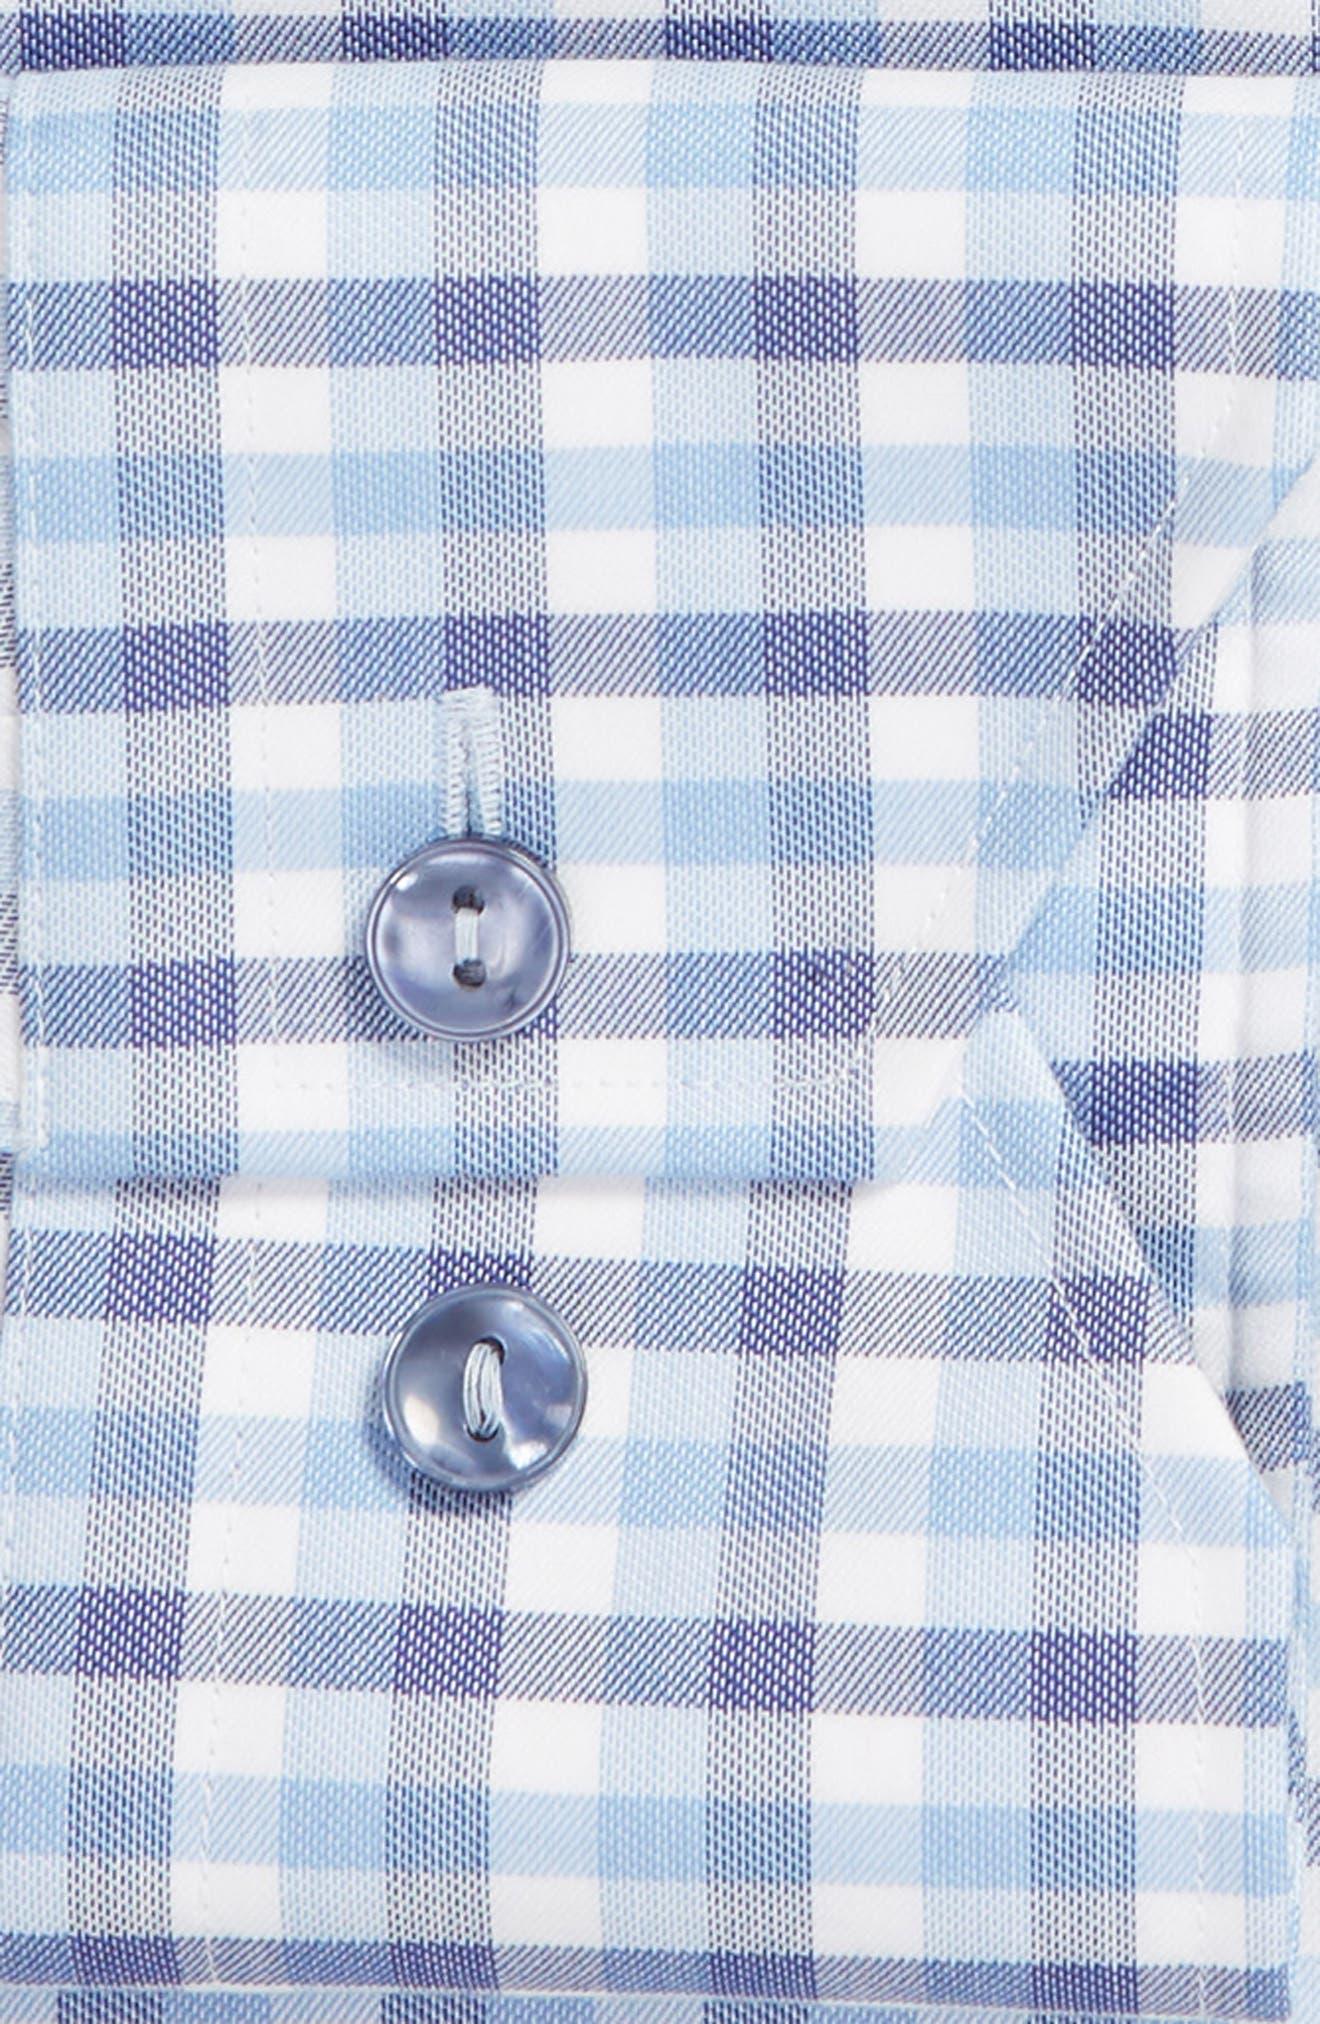 Trim Fit Check Dress Shirt,                             Alternate thumbnail 6, color,                             450